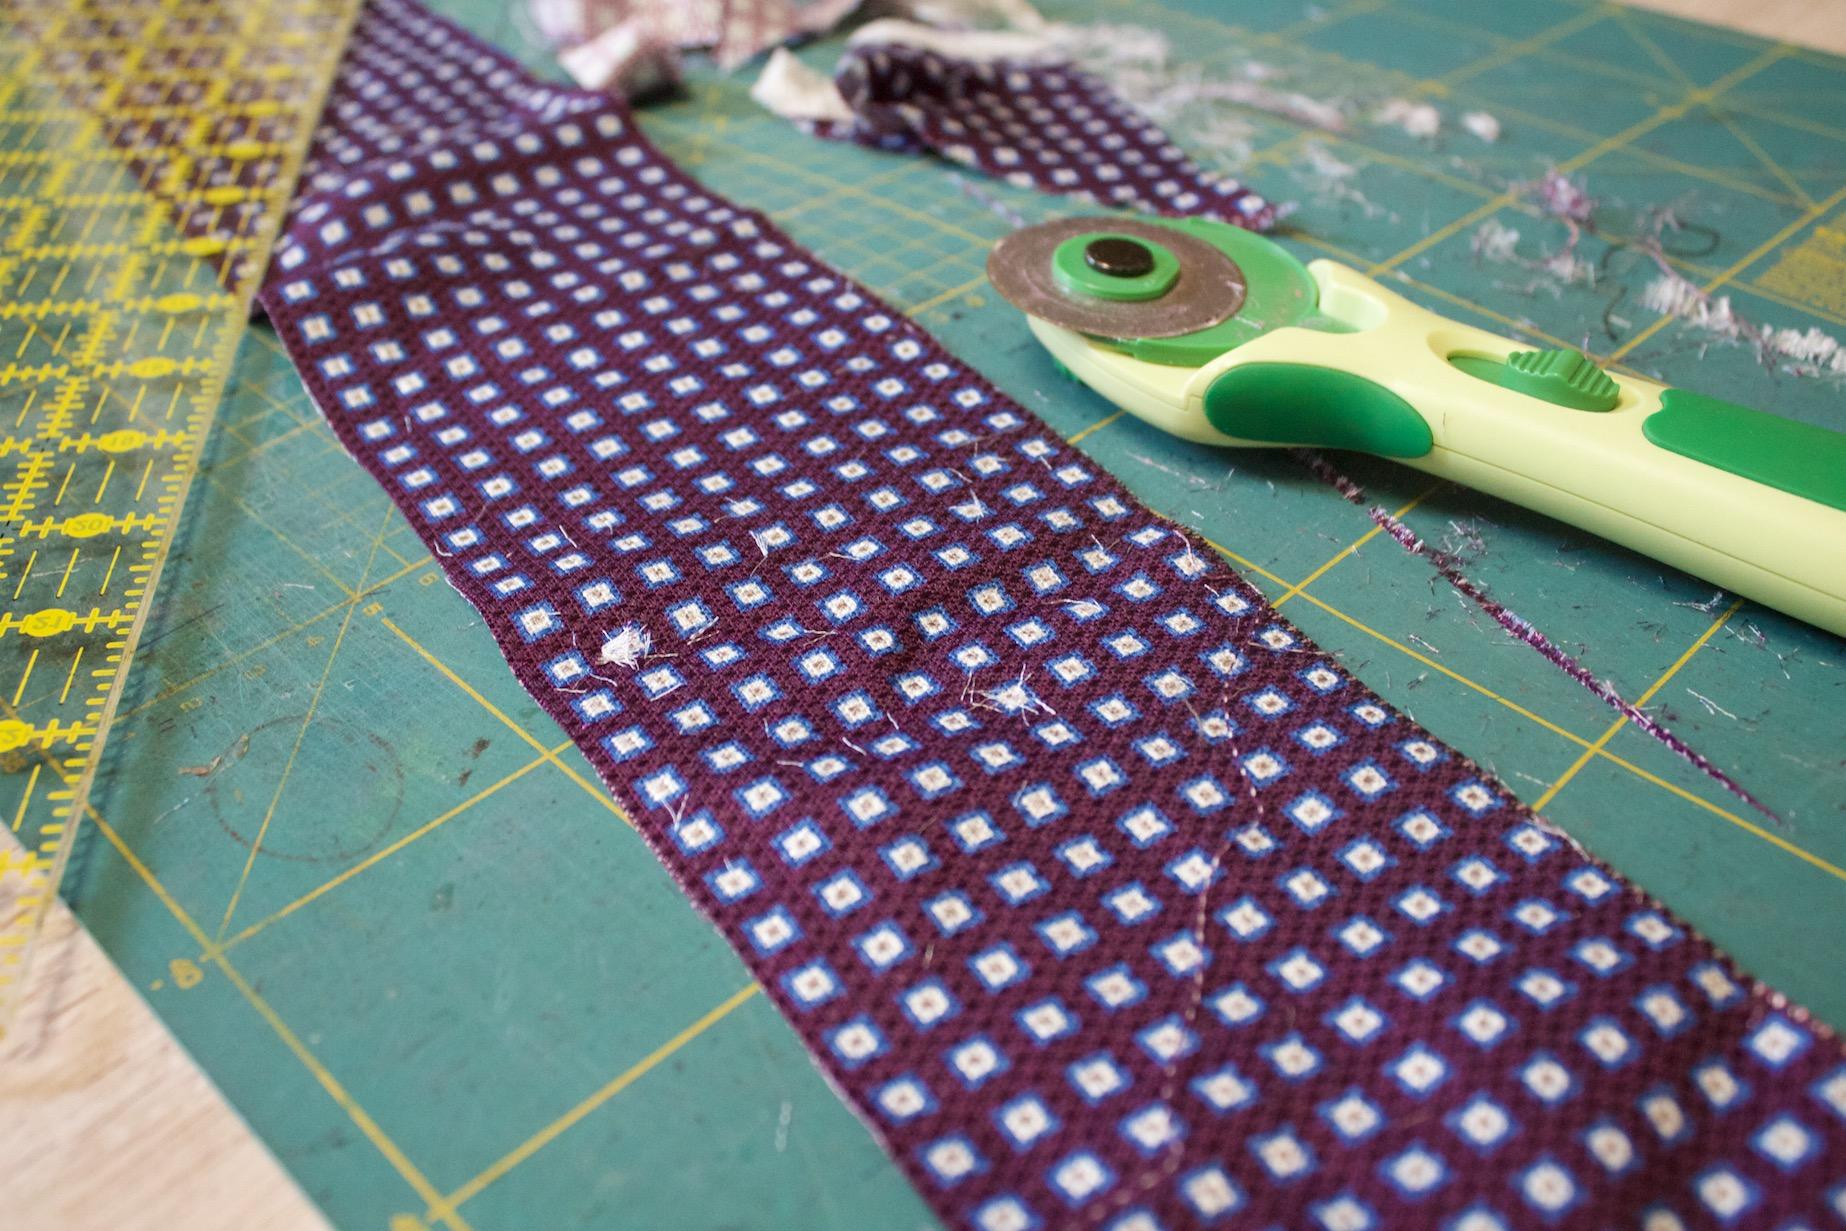 preparare le strisce alla cucitura